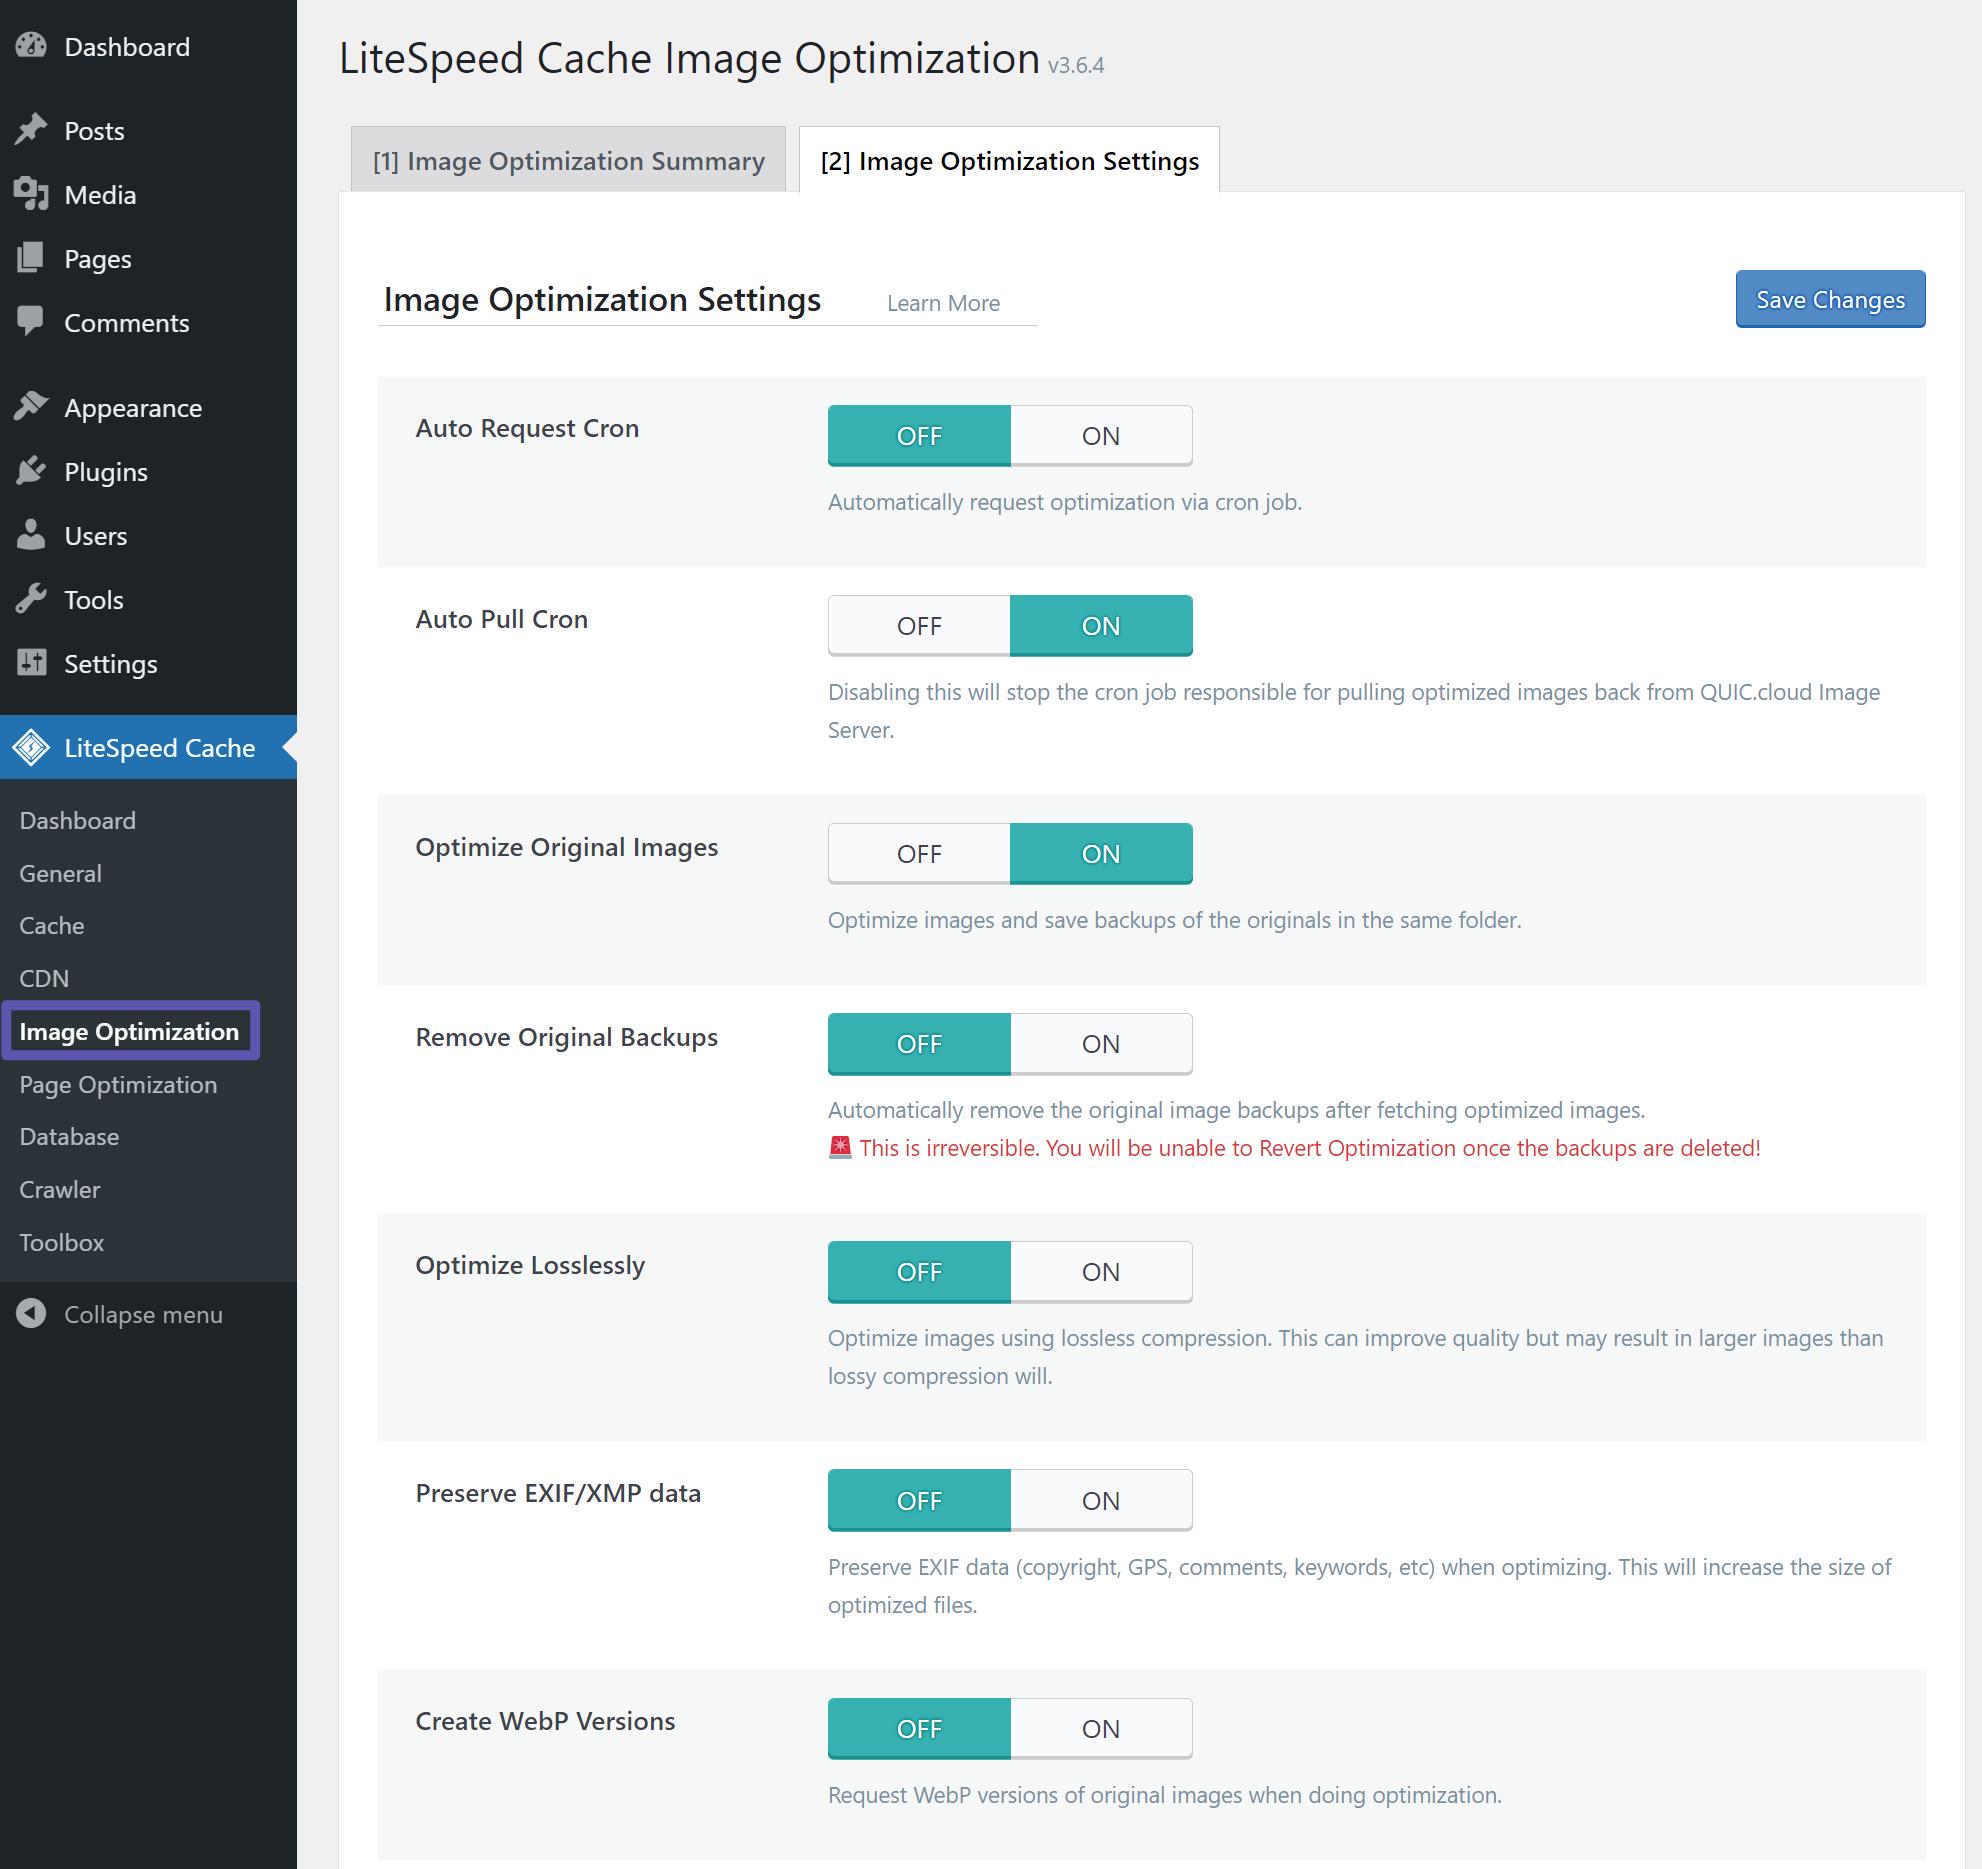 LiteSpeed Cache Image Optimisation Settings Tab